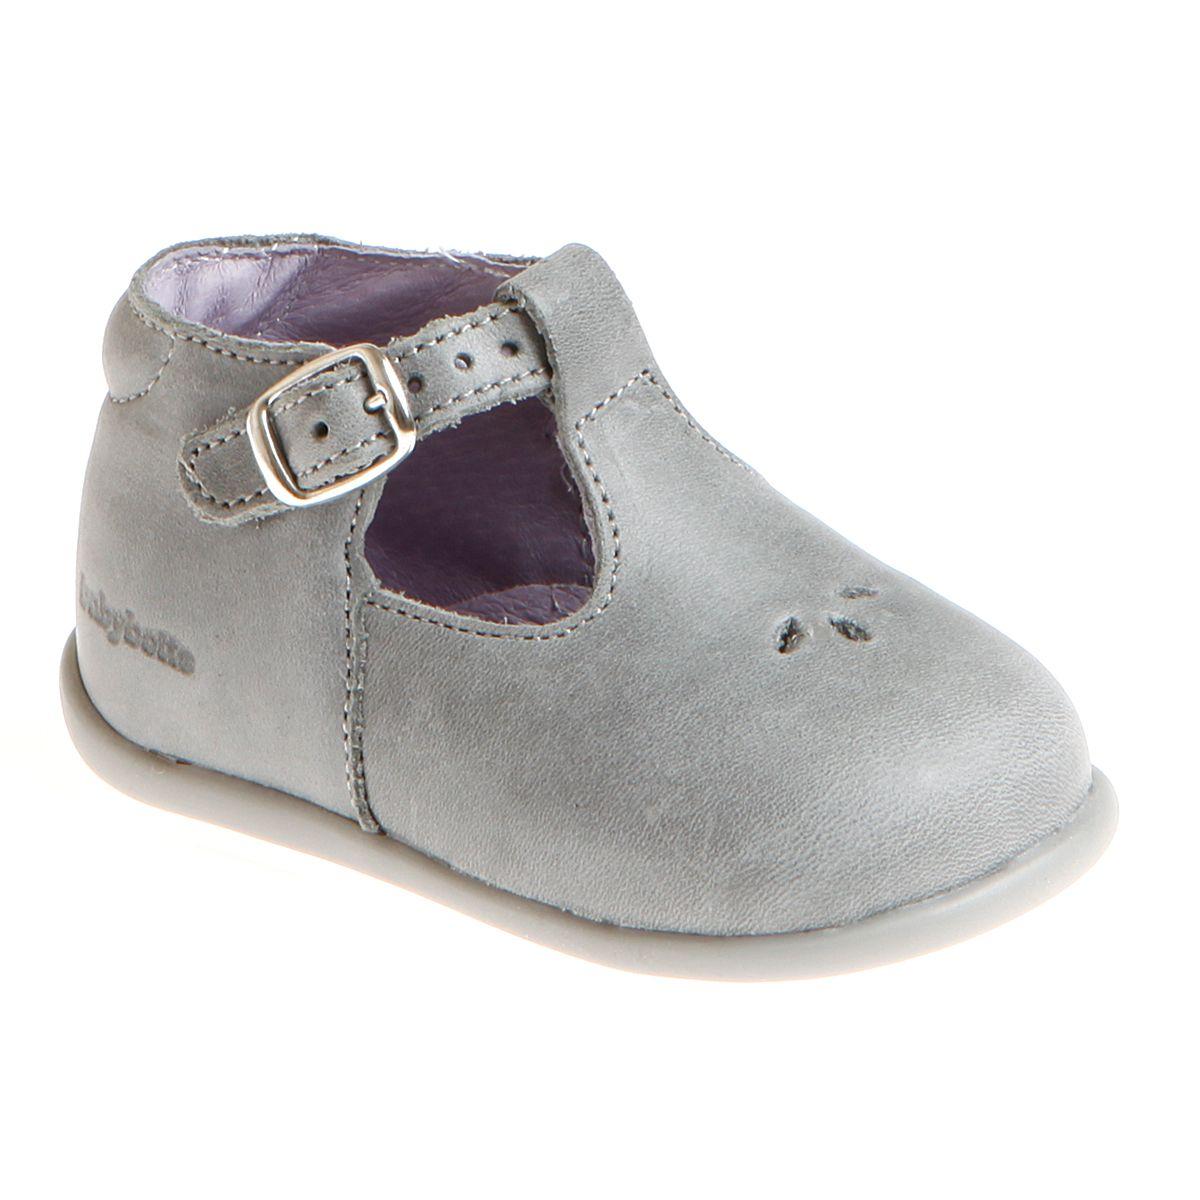 b37d053e018c6 Sandales 1ers pas Babybotte New Papouille nubuck gris 73€ Chaussures De  Marque